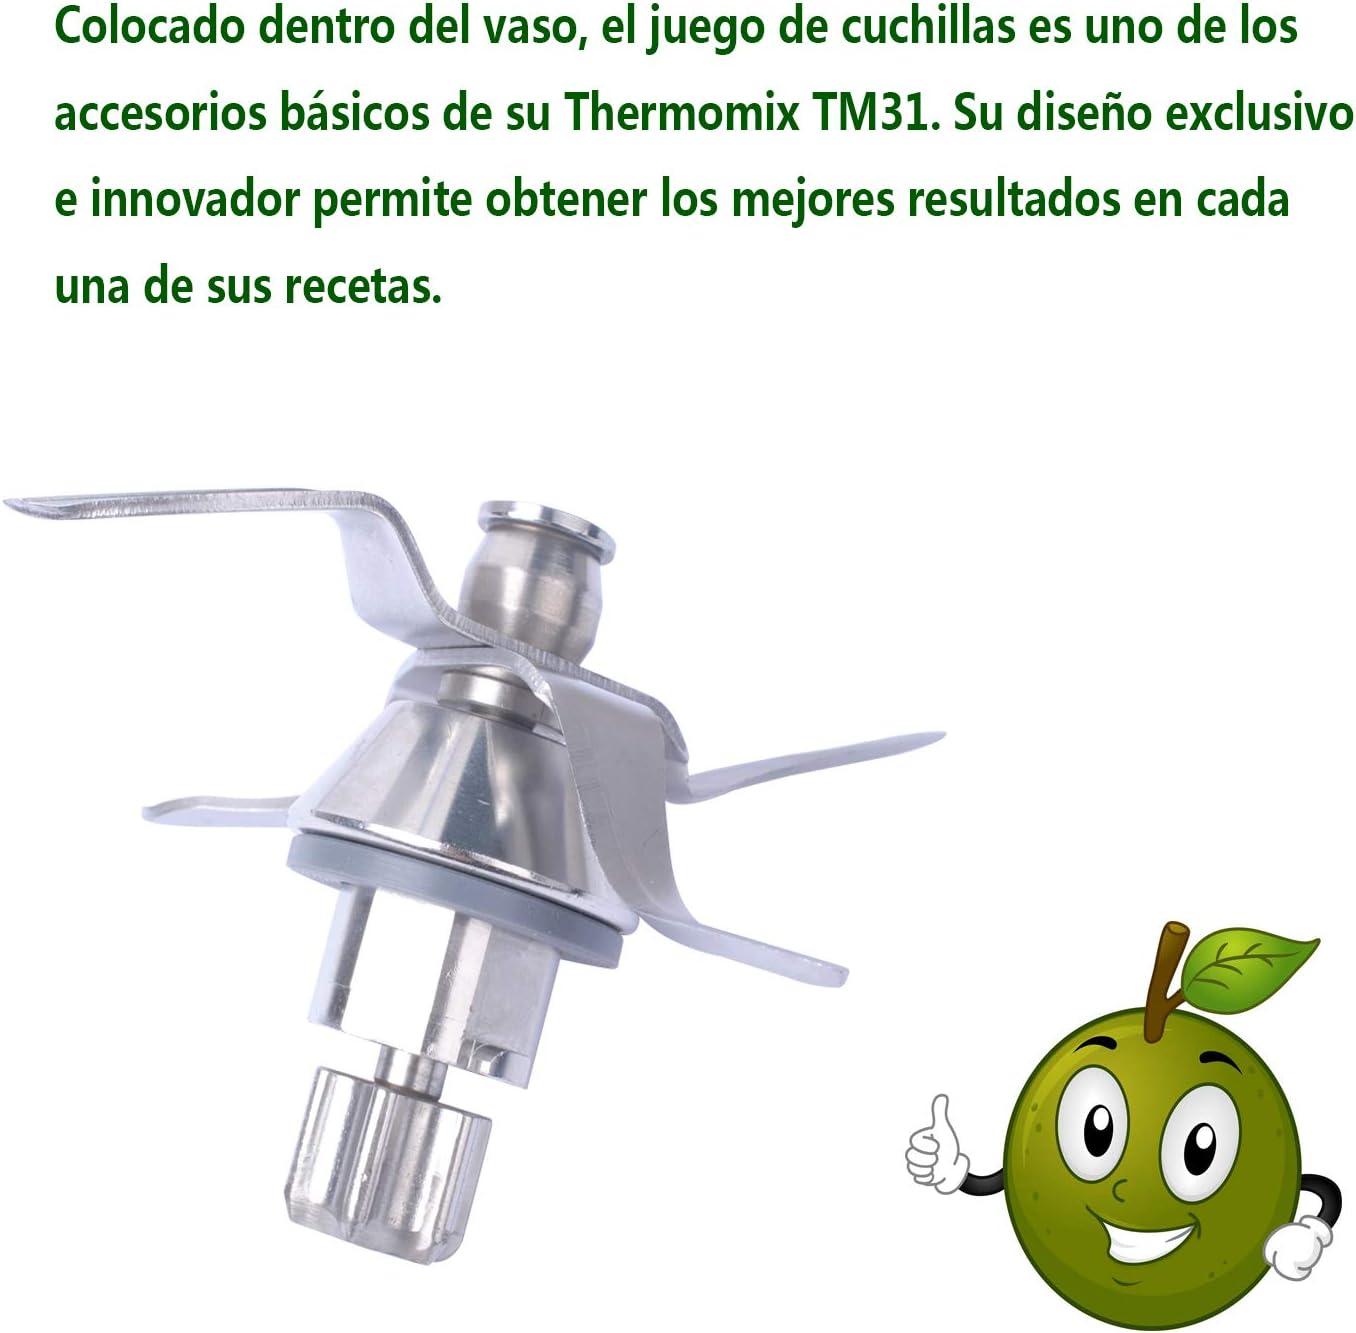 TM31 Cuchillas de Acero Inoxidable de Repuesto para Vorwerk Thermomix TM31 Robot de Cocina con Junta: Amazon.es